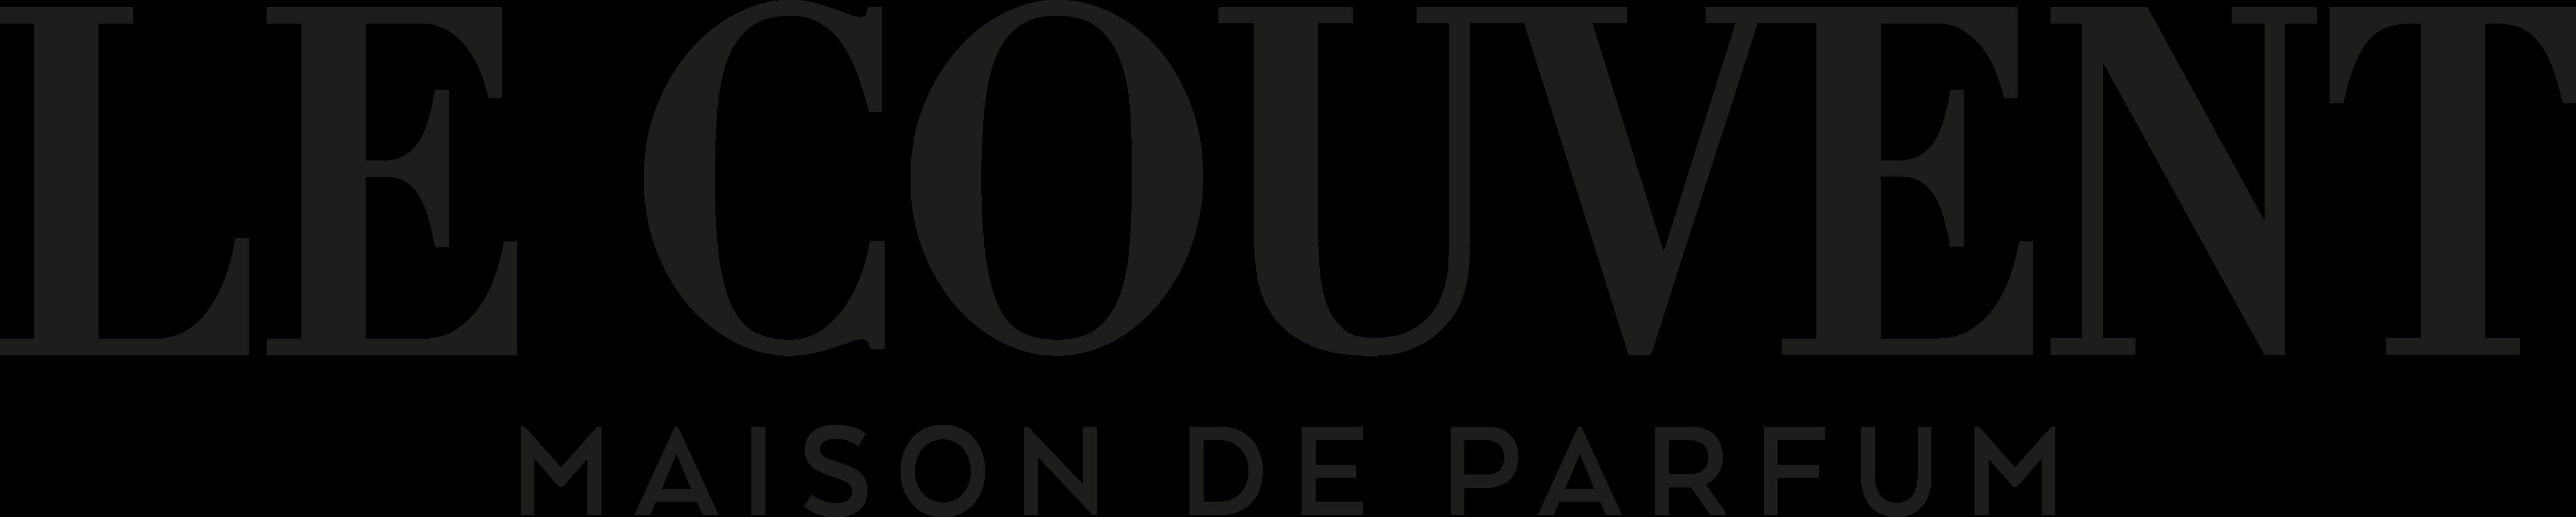 Over het merk Le Couvent Maison de Parfum